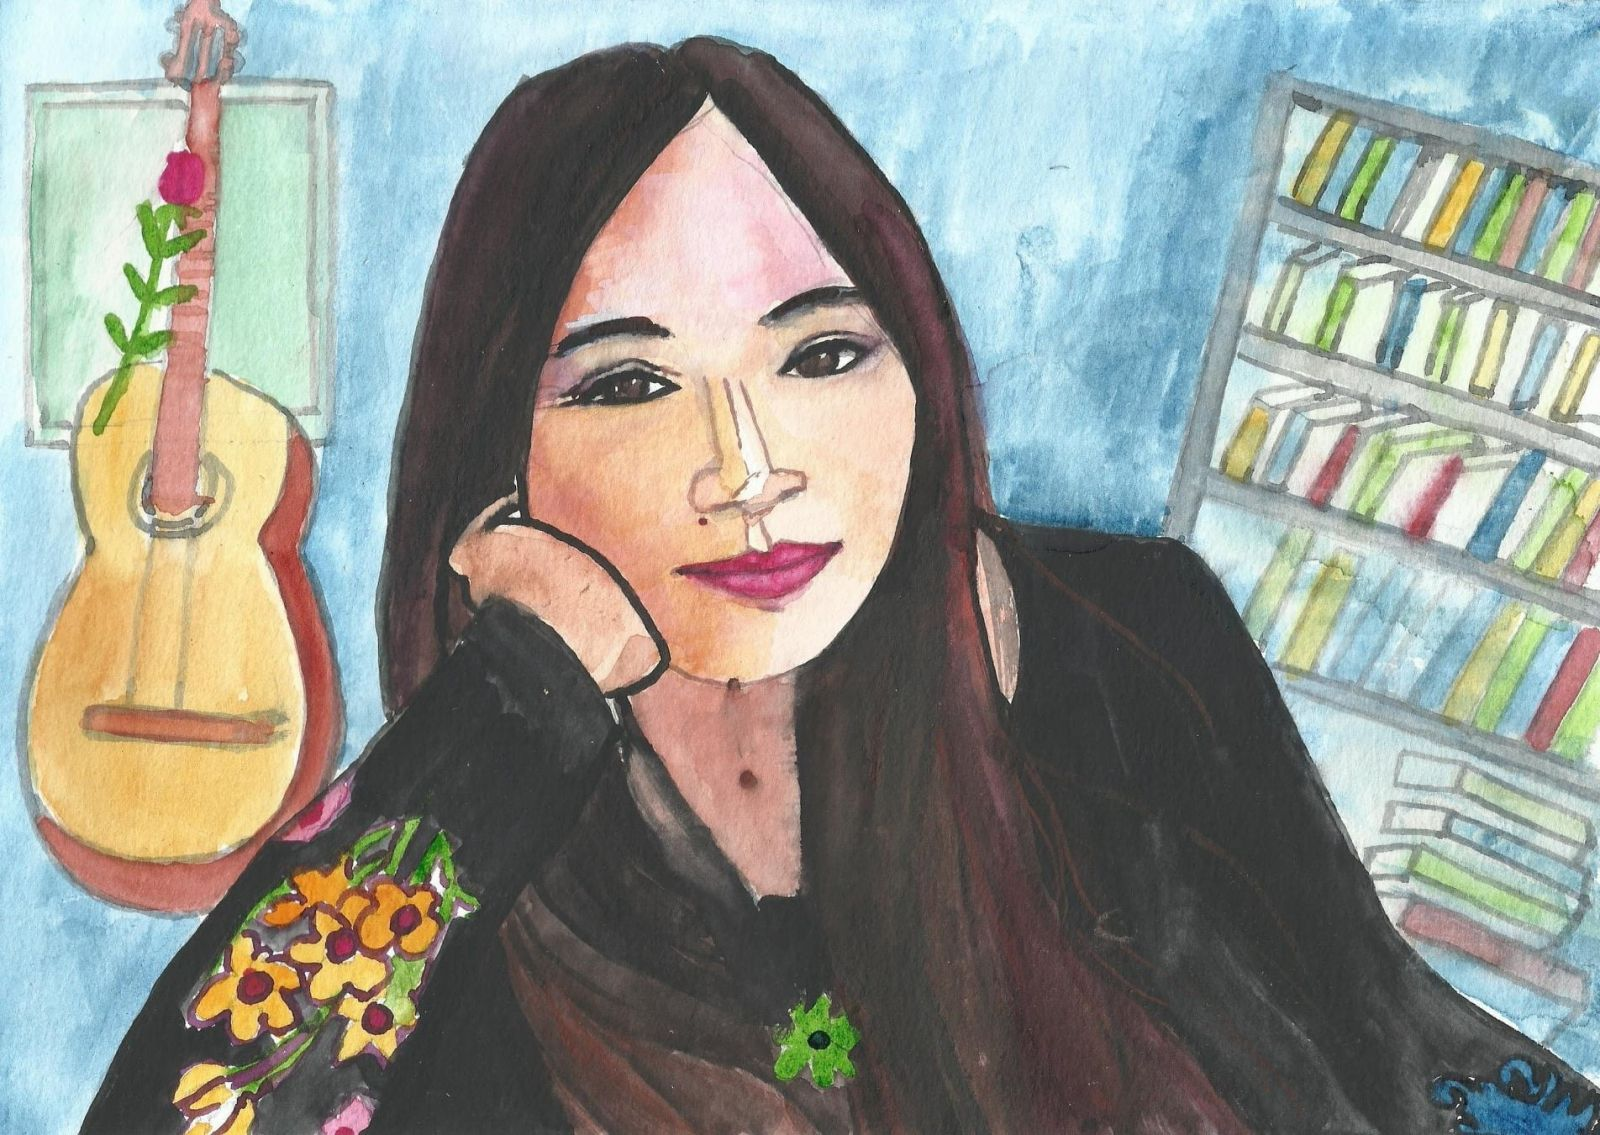 Bộ tranh vẽ nghệ sĩ Việt Nam và Thế giới độc đáo của một họa sĩ sống ở Tây Ban Nha (Kỳ 2)